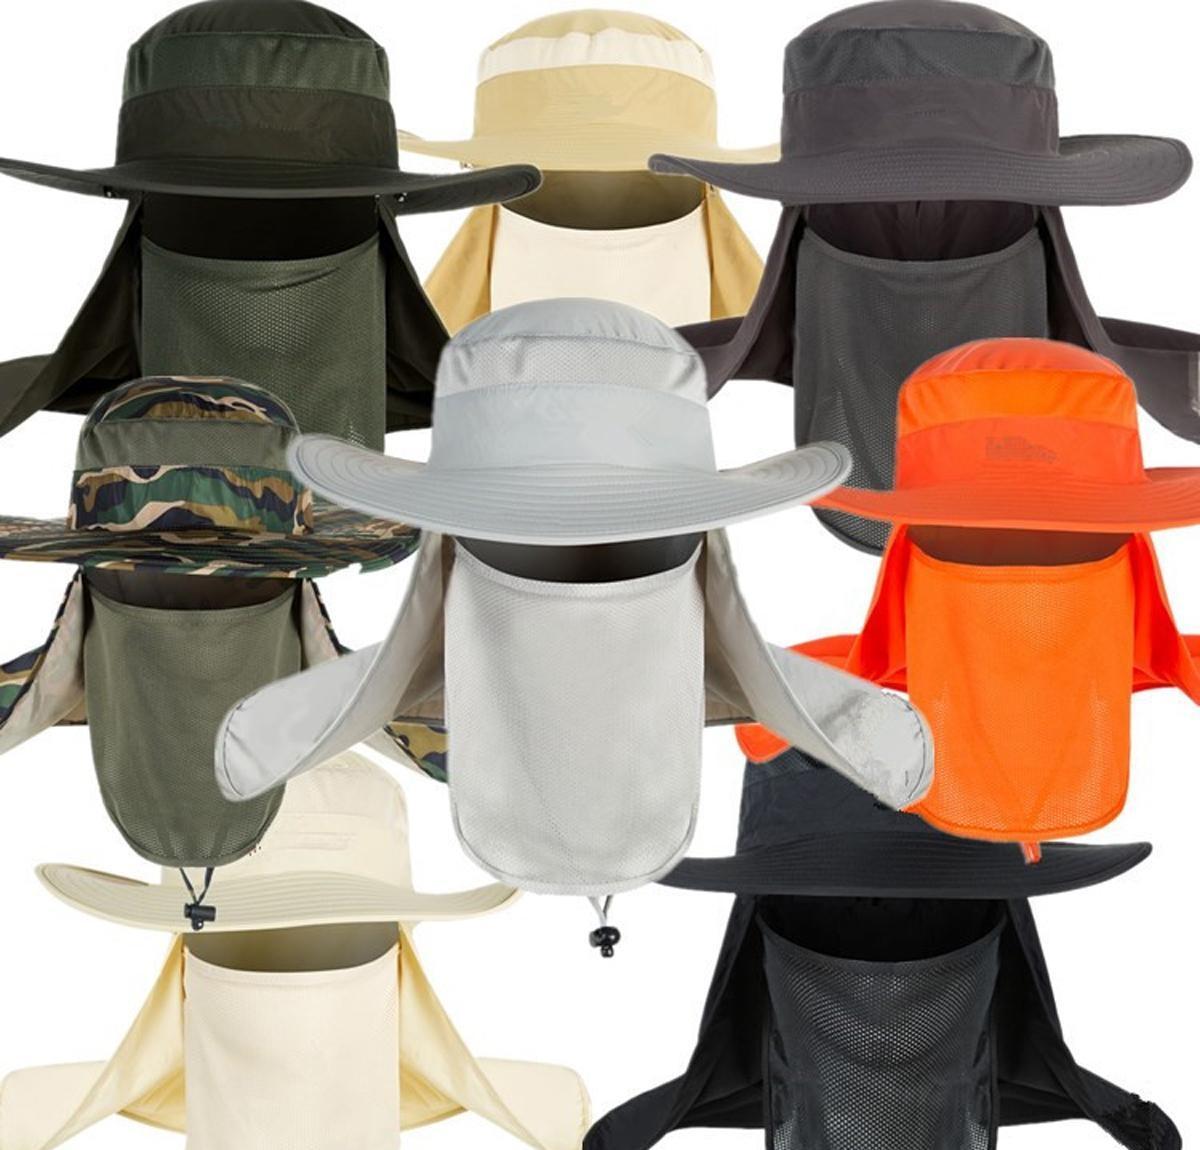 Cappellino di tela Con Visiera Visiera trasparente Visiera anti-inquinamento Cappello di protezione Donna Per prova della sabbia Cappello Pescatore